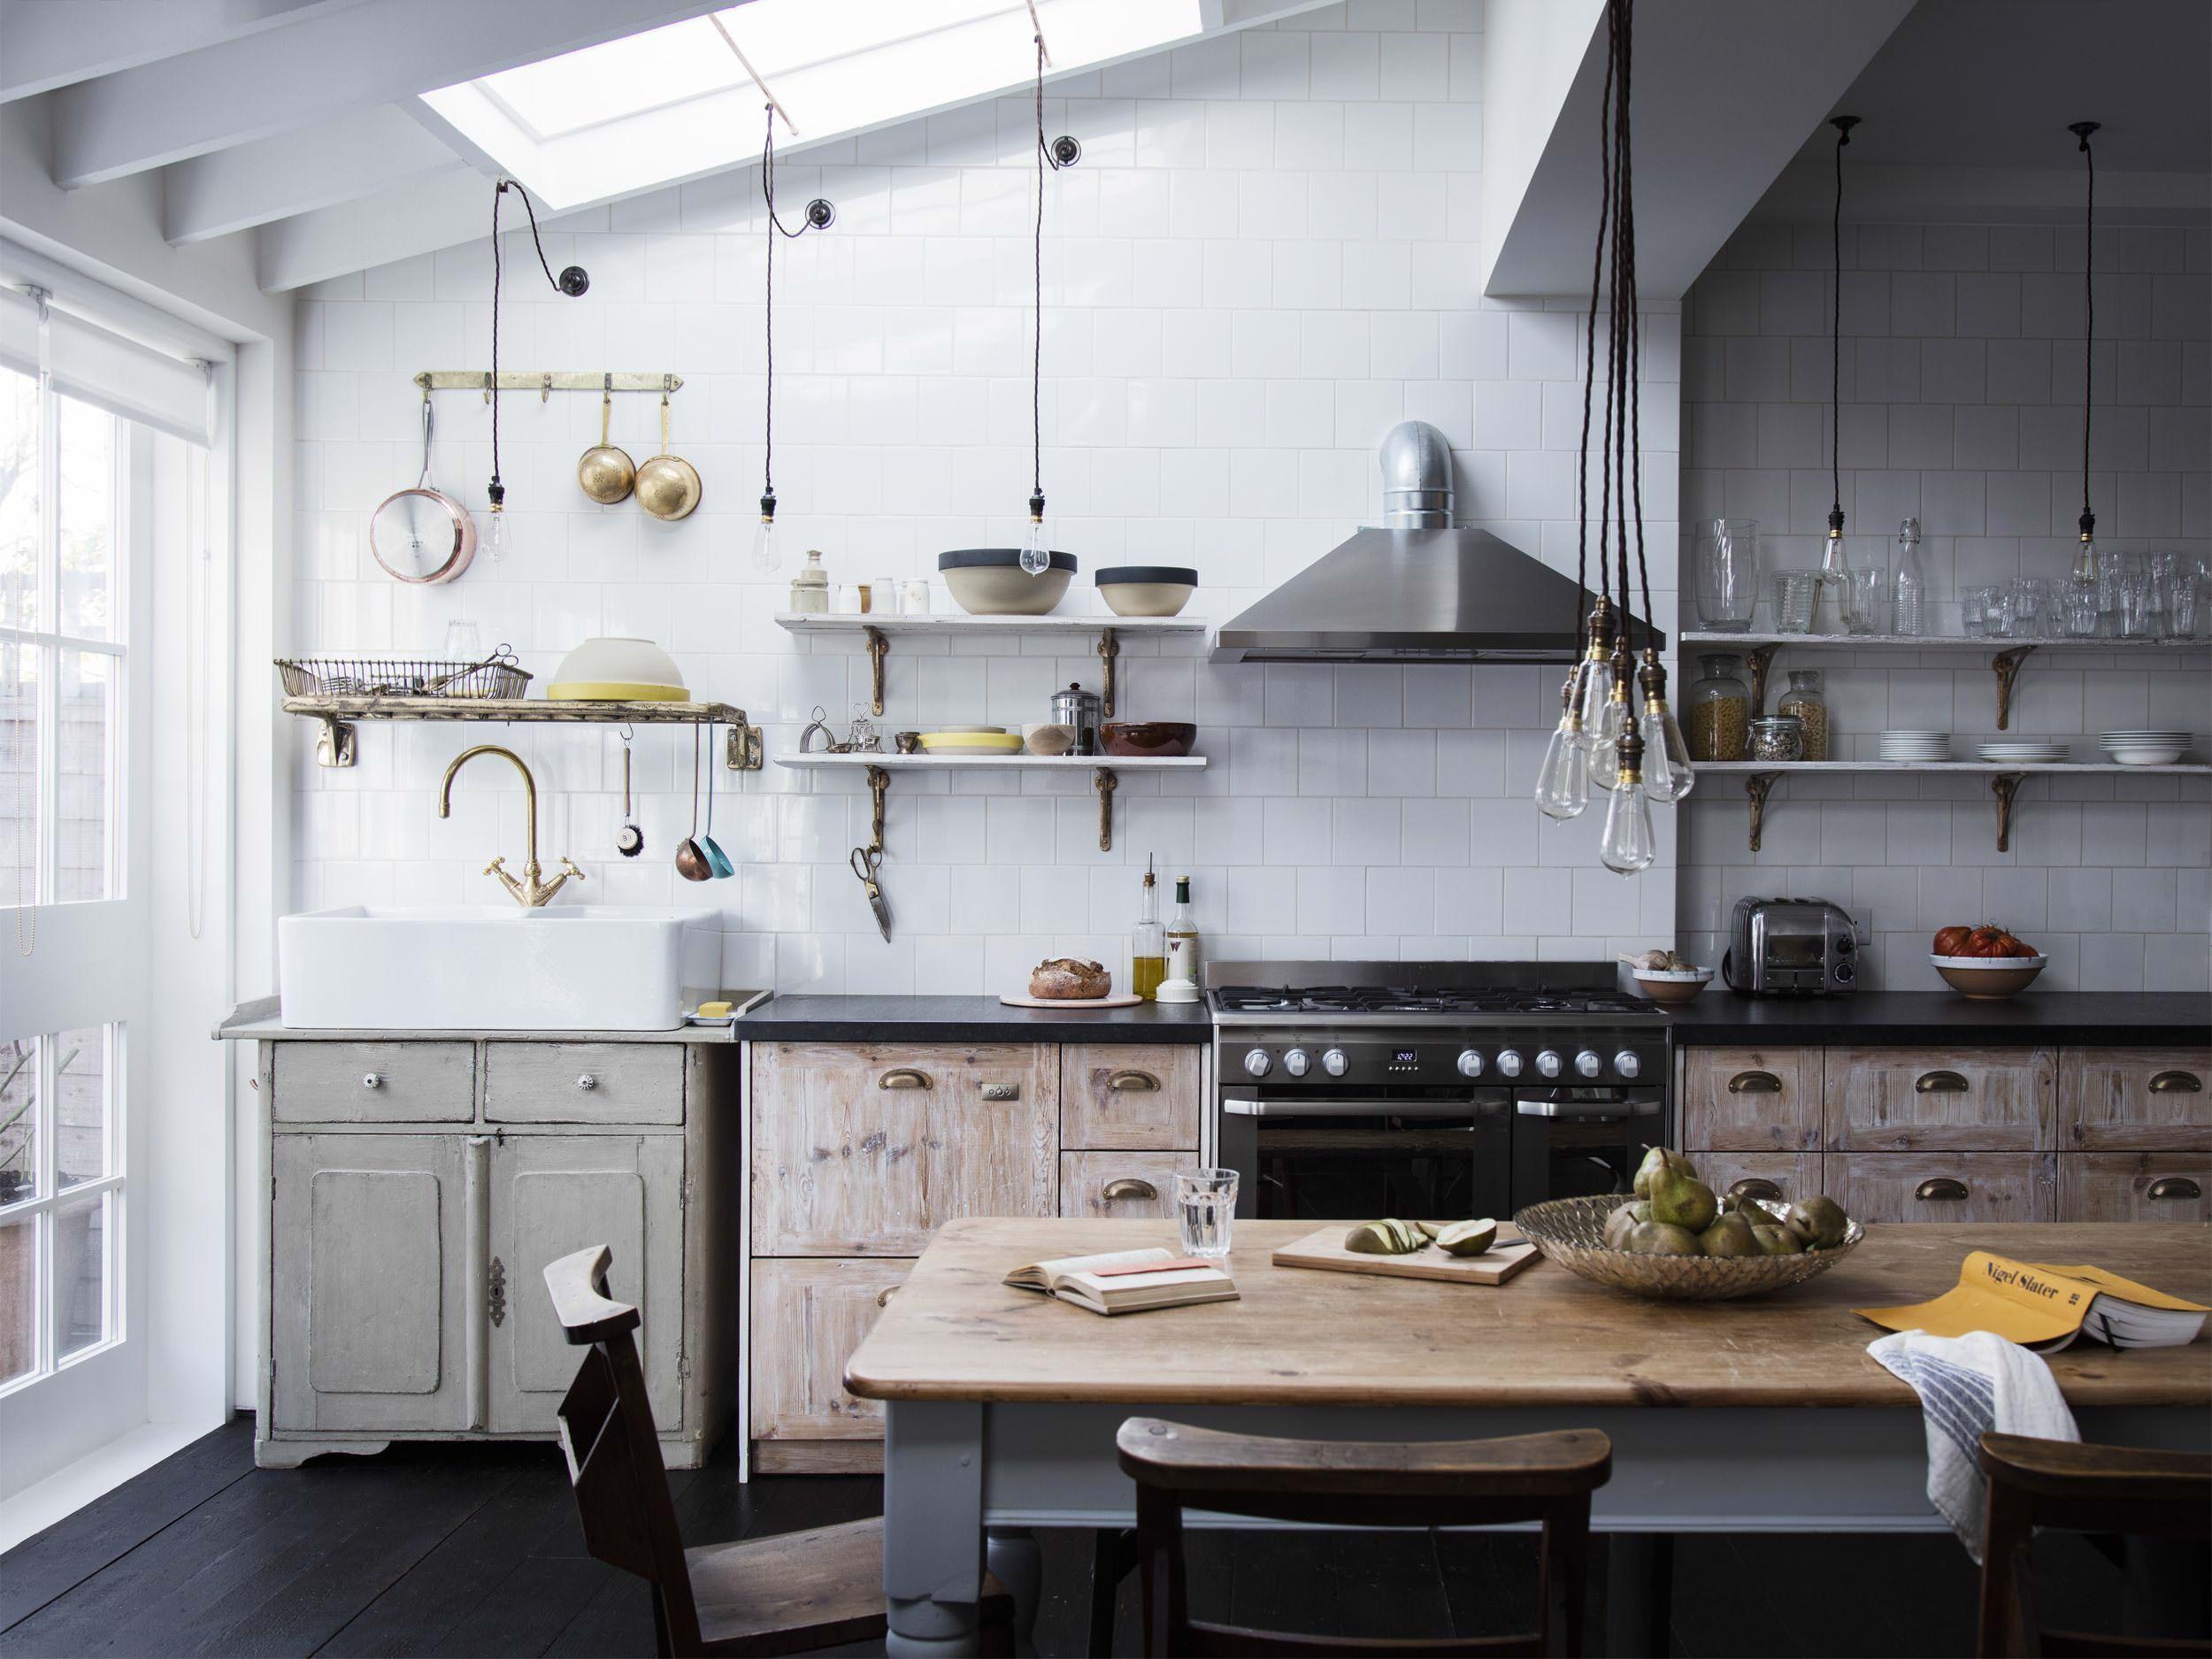 design trends kitchen emily henderson